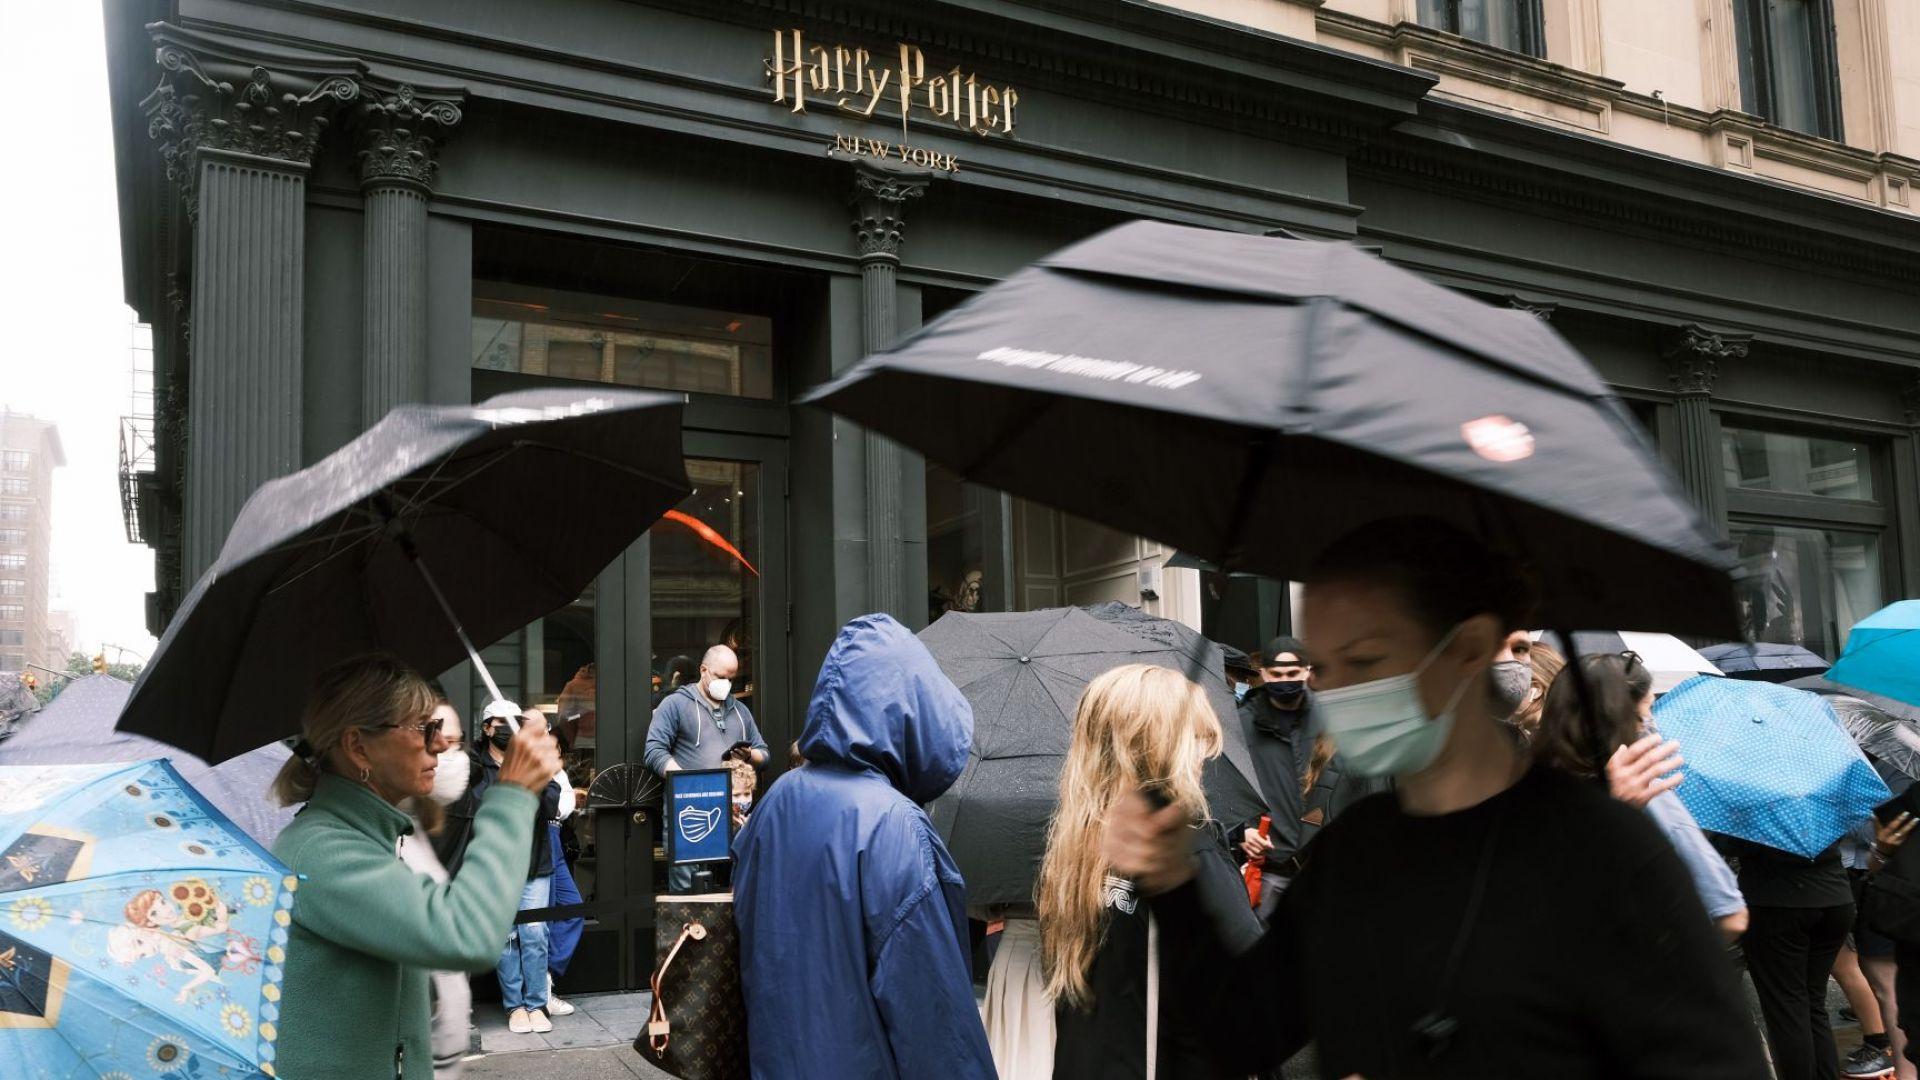 Огромен магазин, посветен на Хари Потър, отвори врати в Ню Йорк